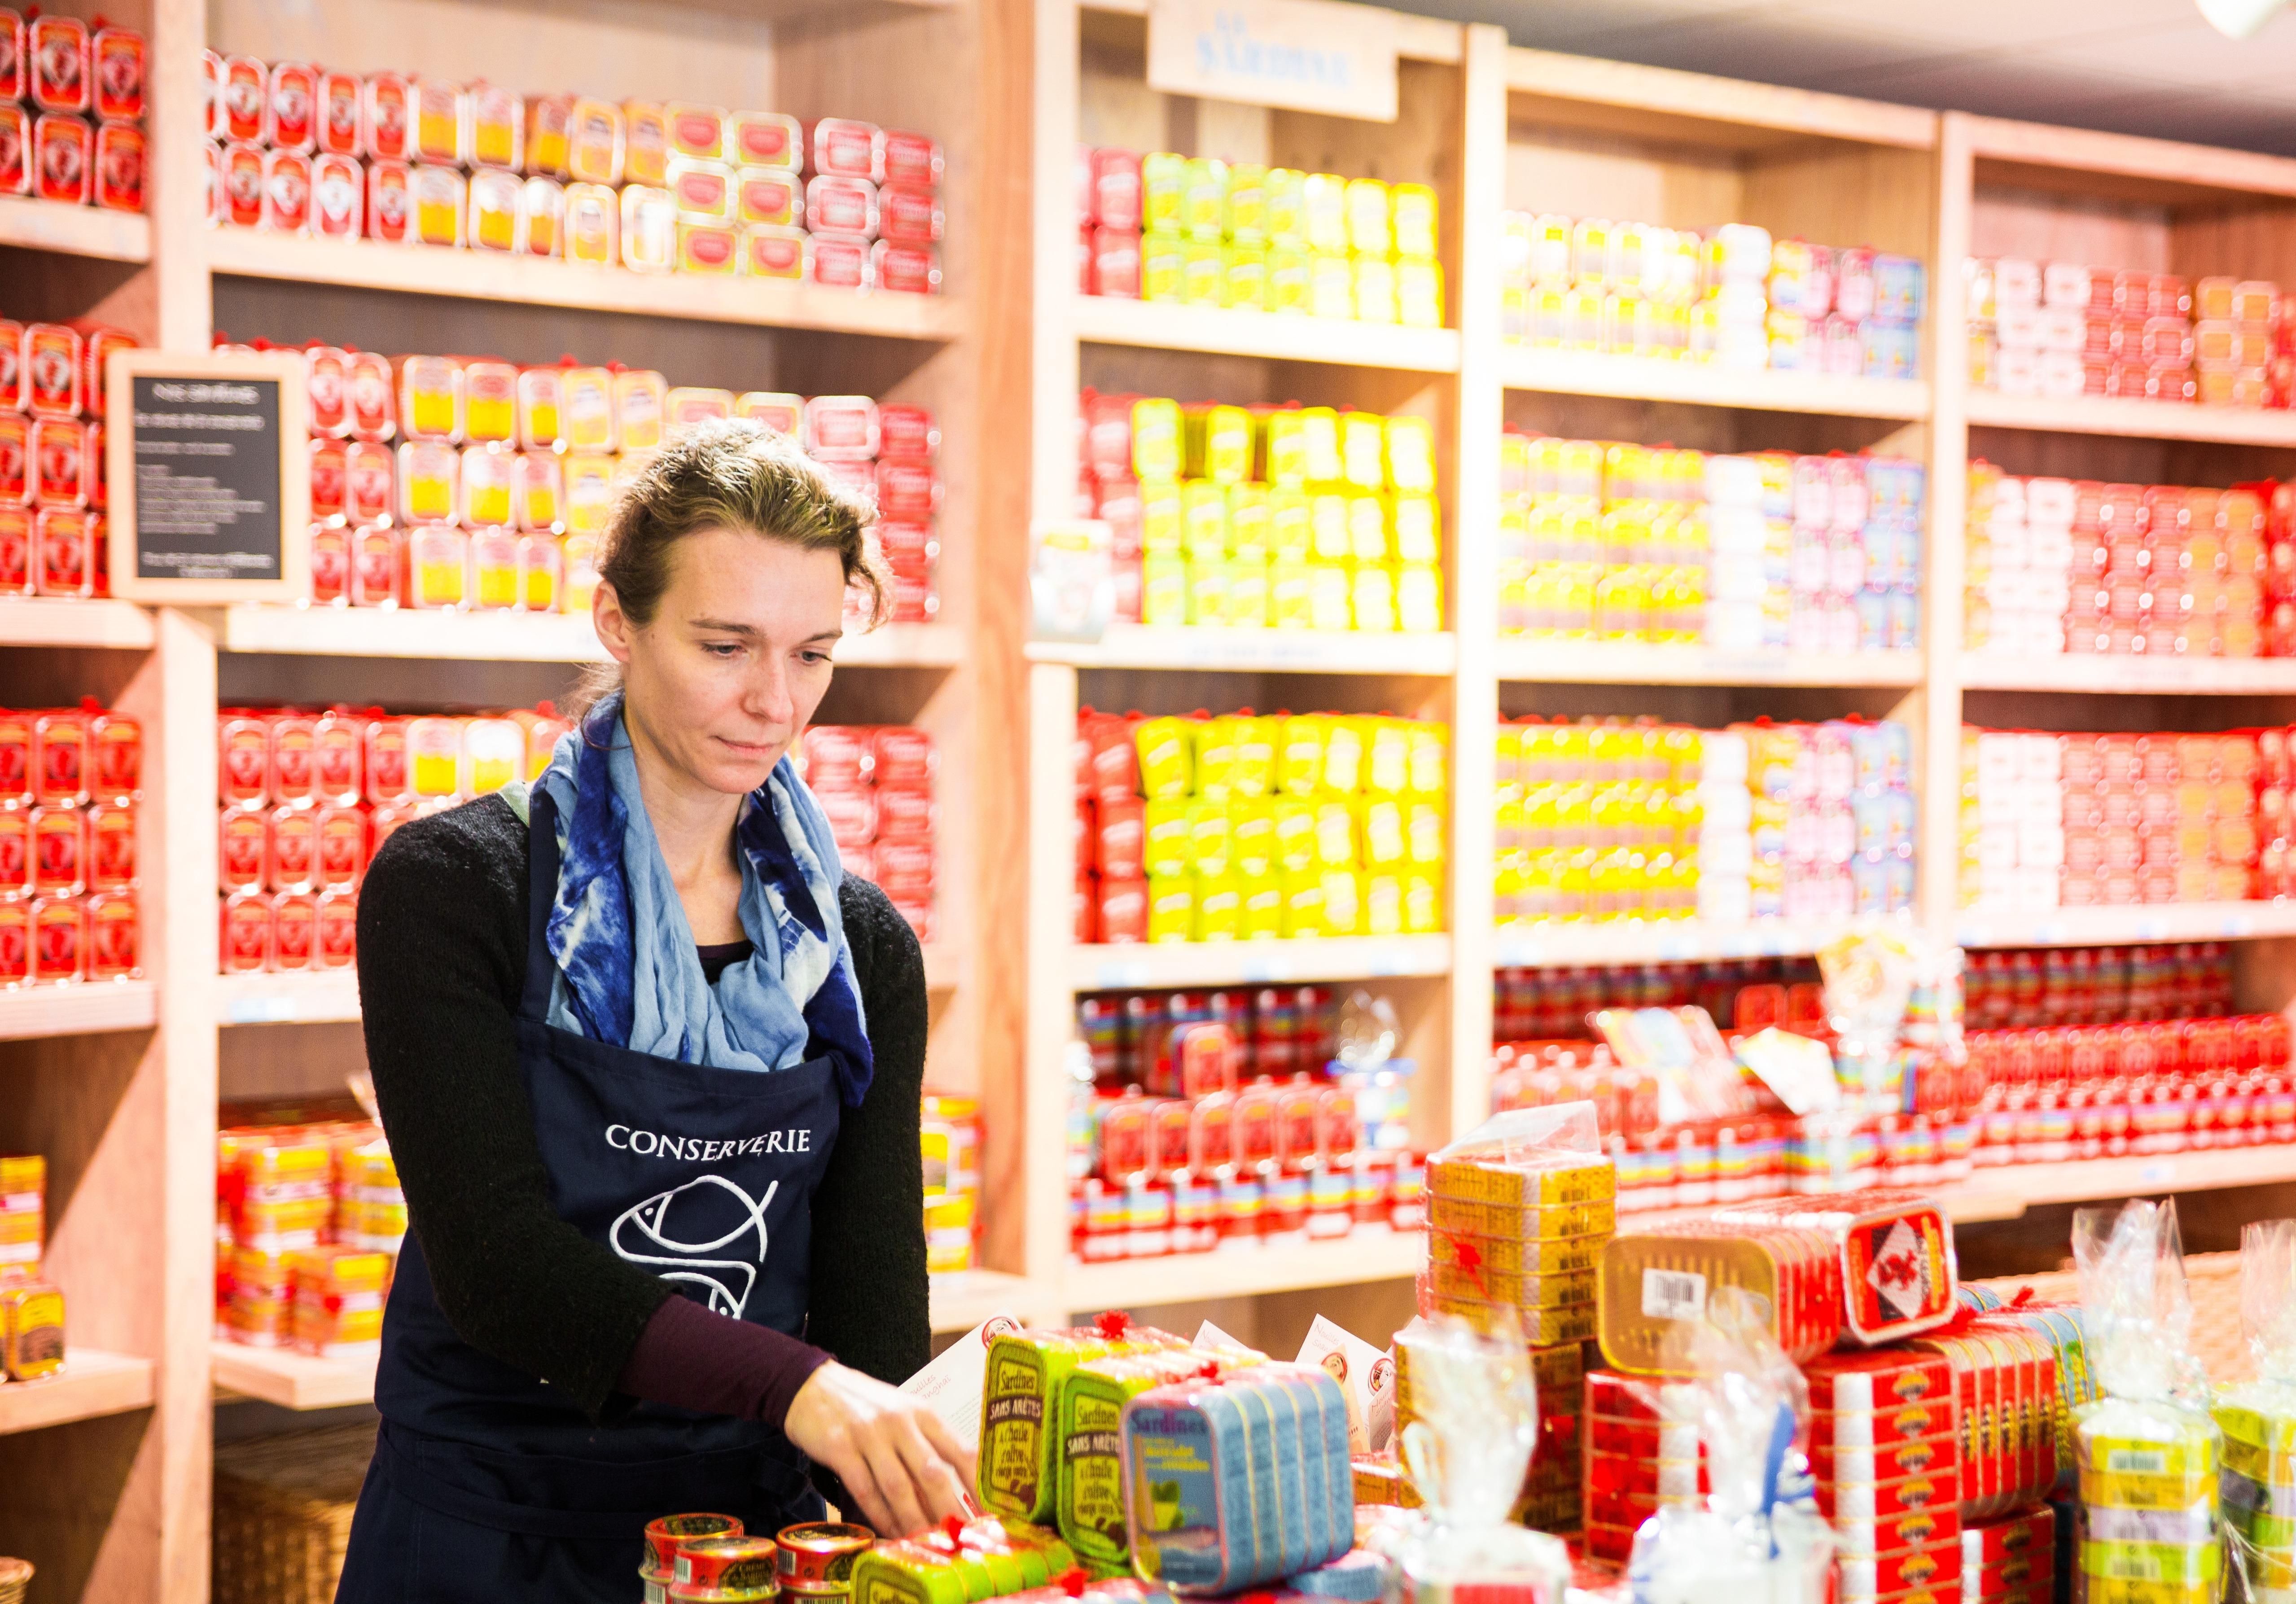 Recrutement: Vendeur conseil F/H chez La Belle Iloise à Arcachon